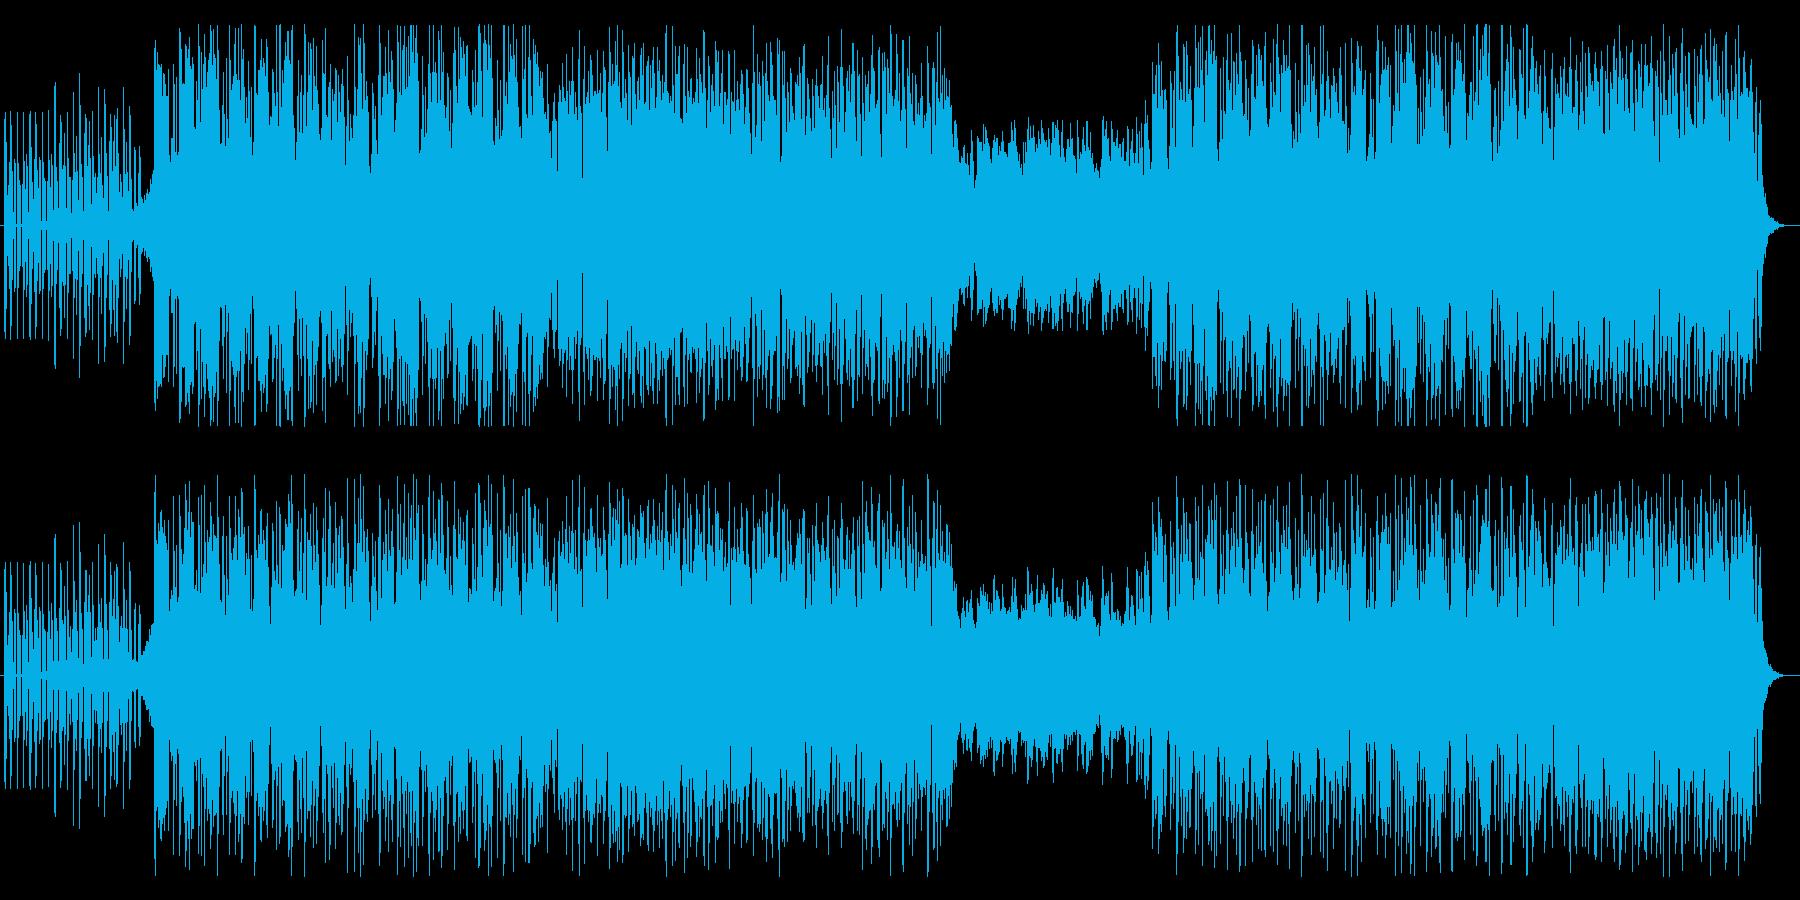 哀愁あるメロの4つ打ちエレクトロポップ風の再生済みの波形